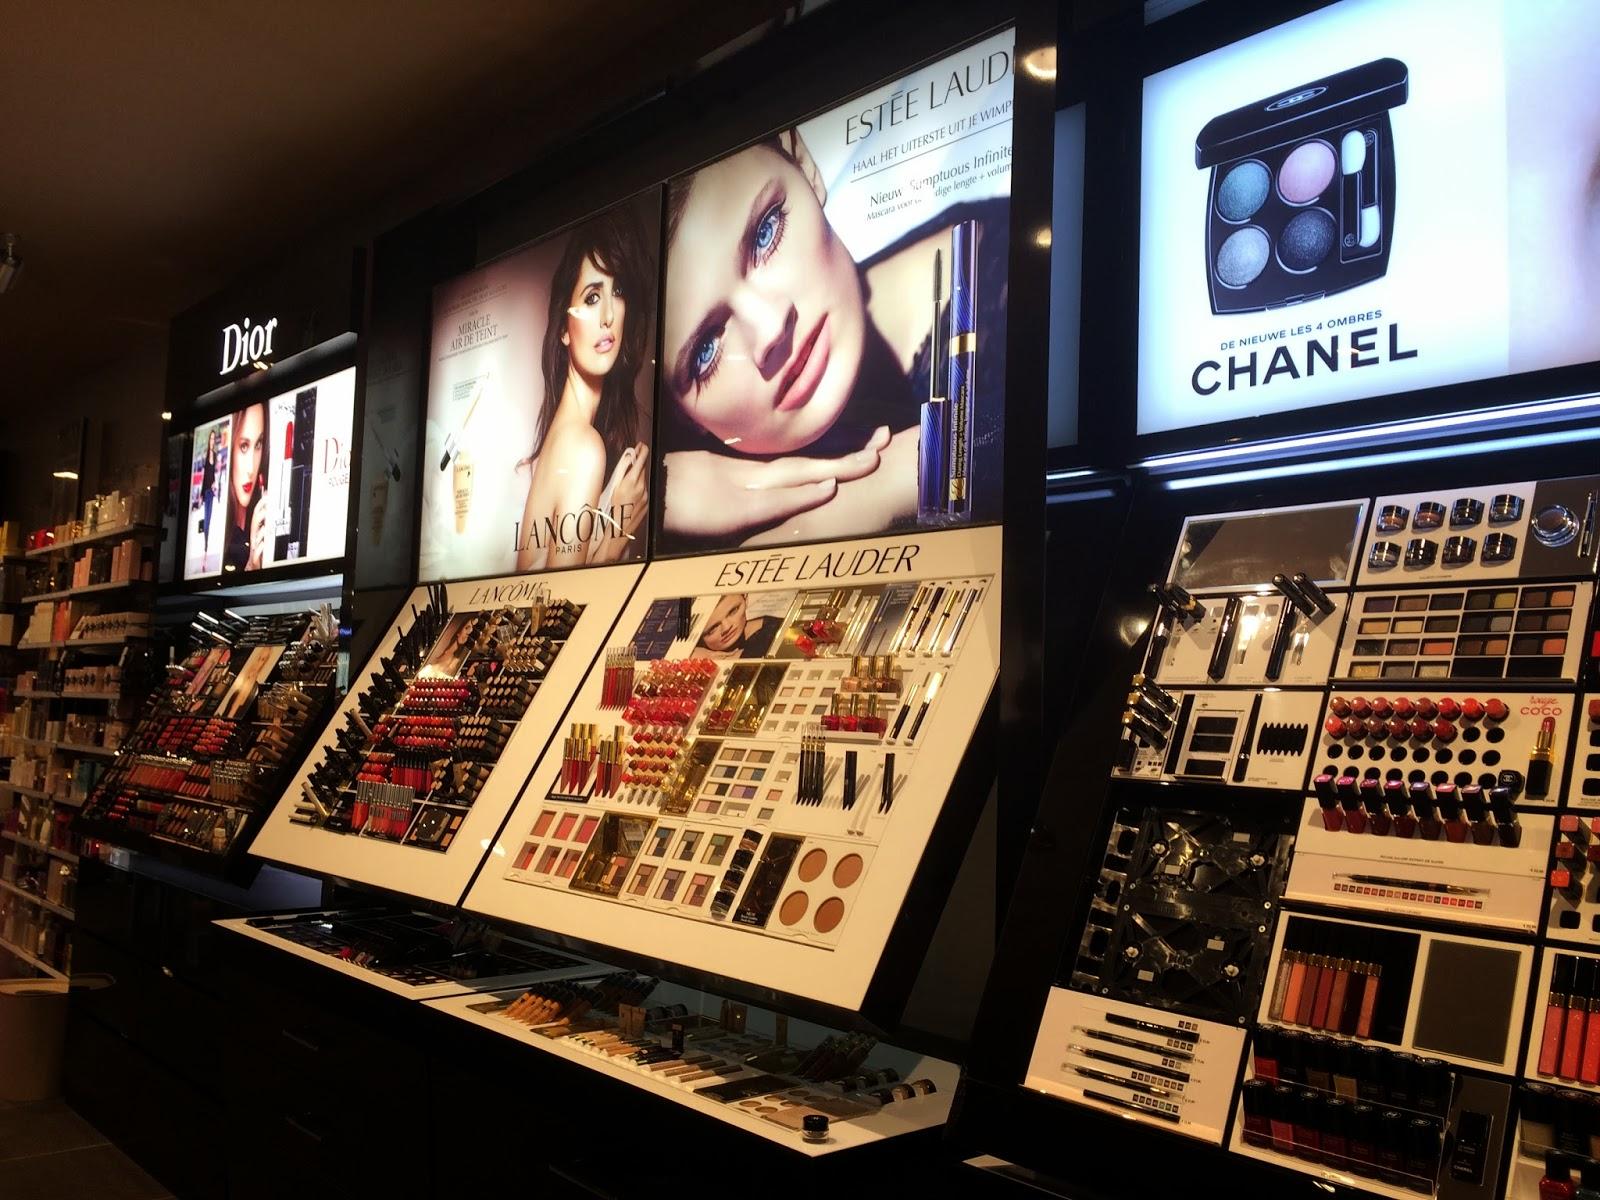 Dior Chanel Estee Lauder Lancome